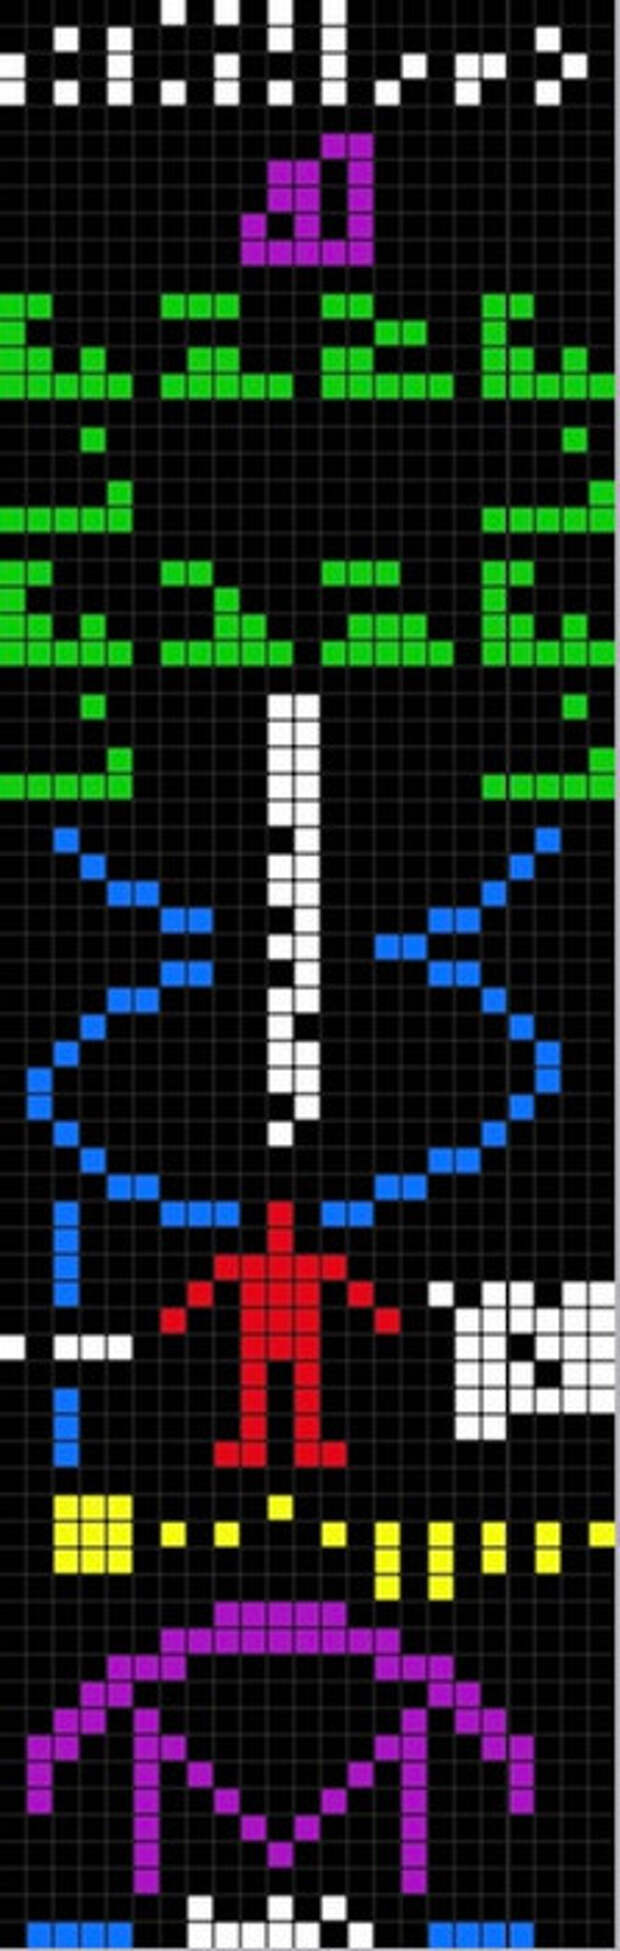 НАСА готовится к общению с инопланетянами проводя безумные эксперименты